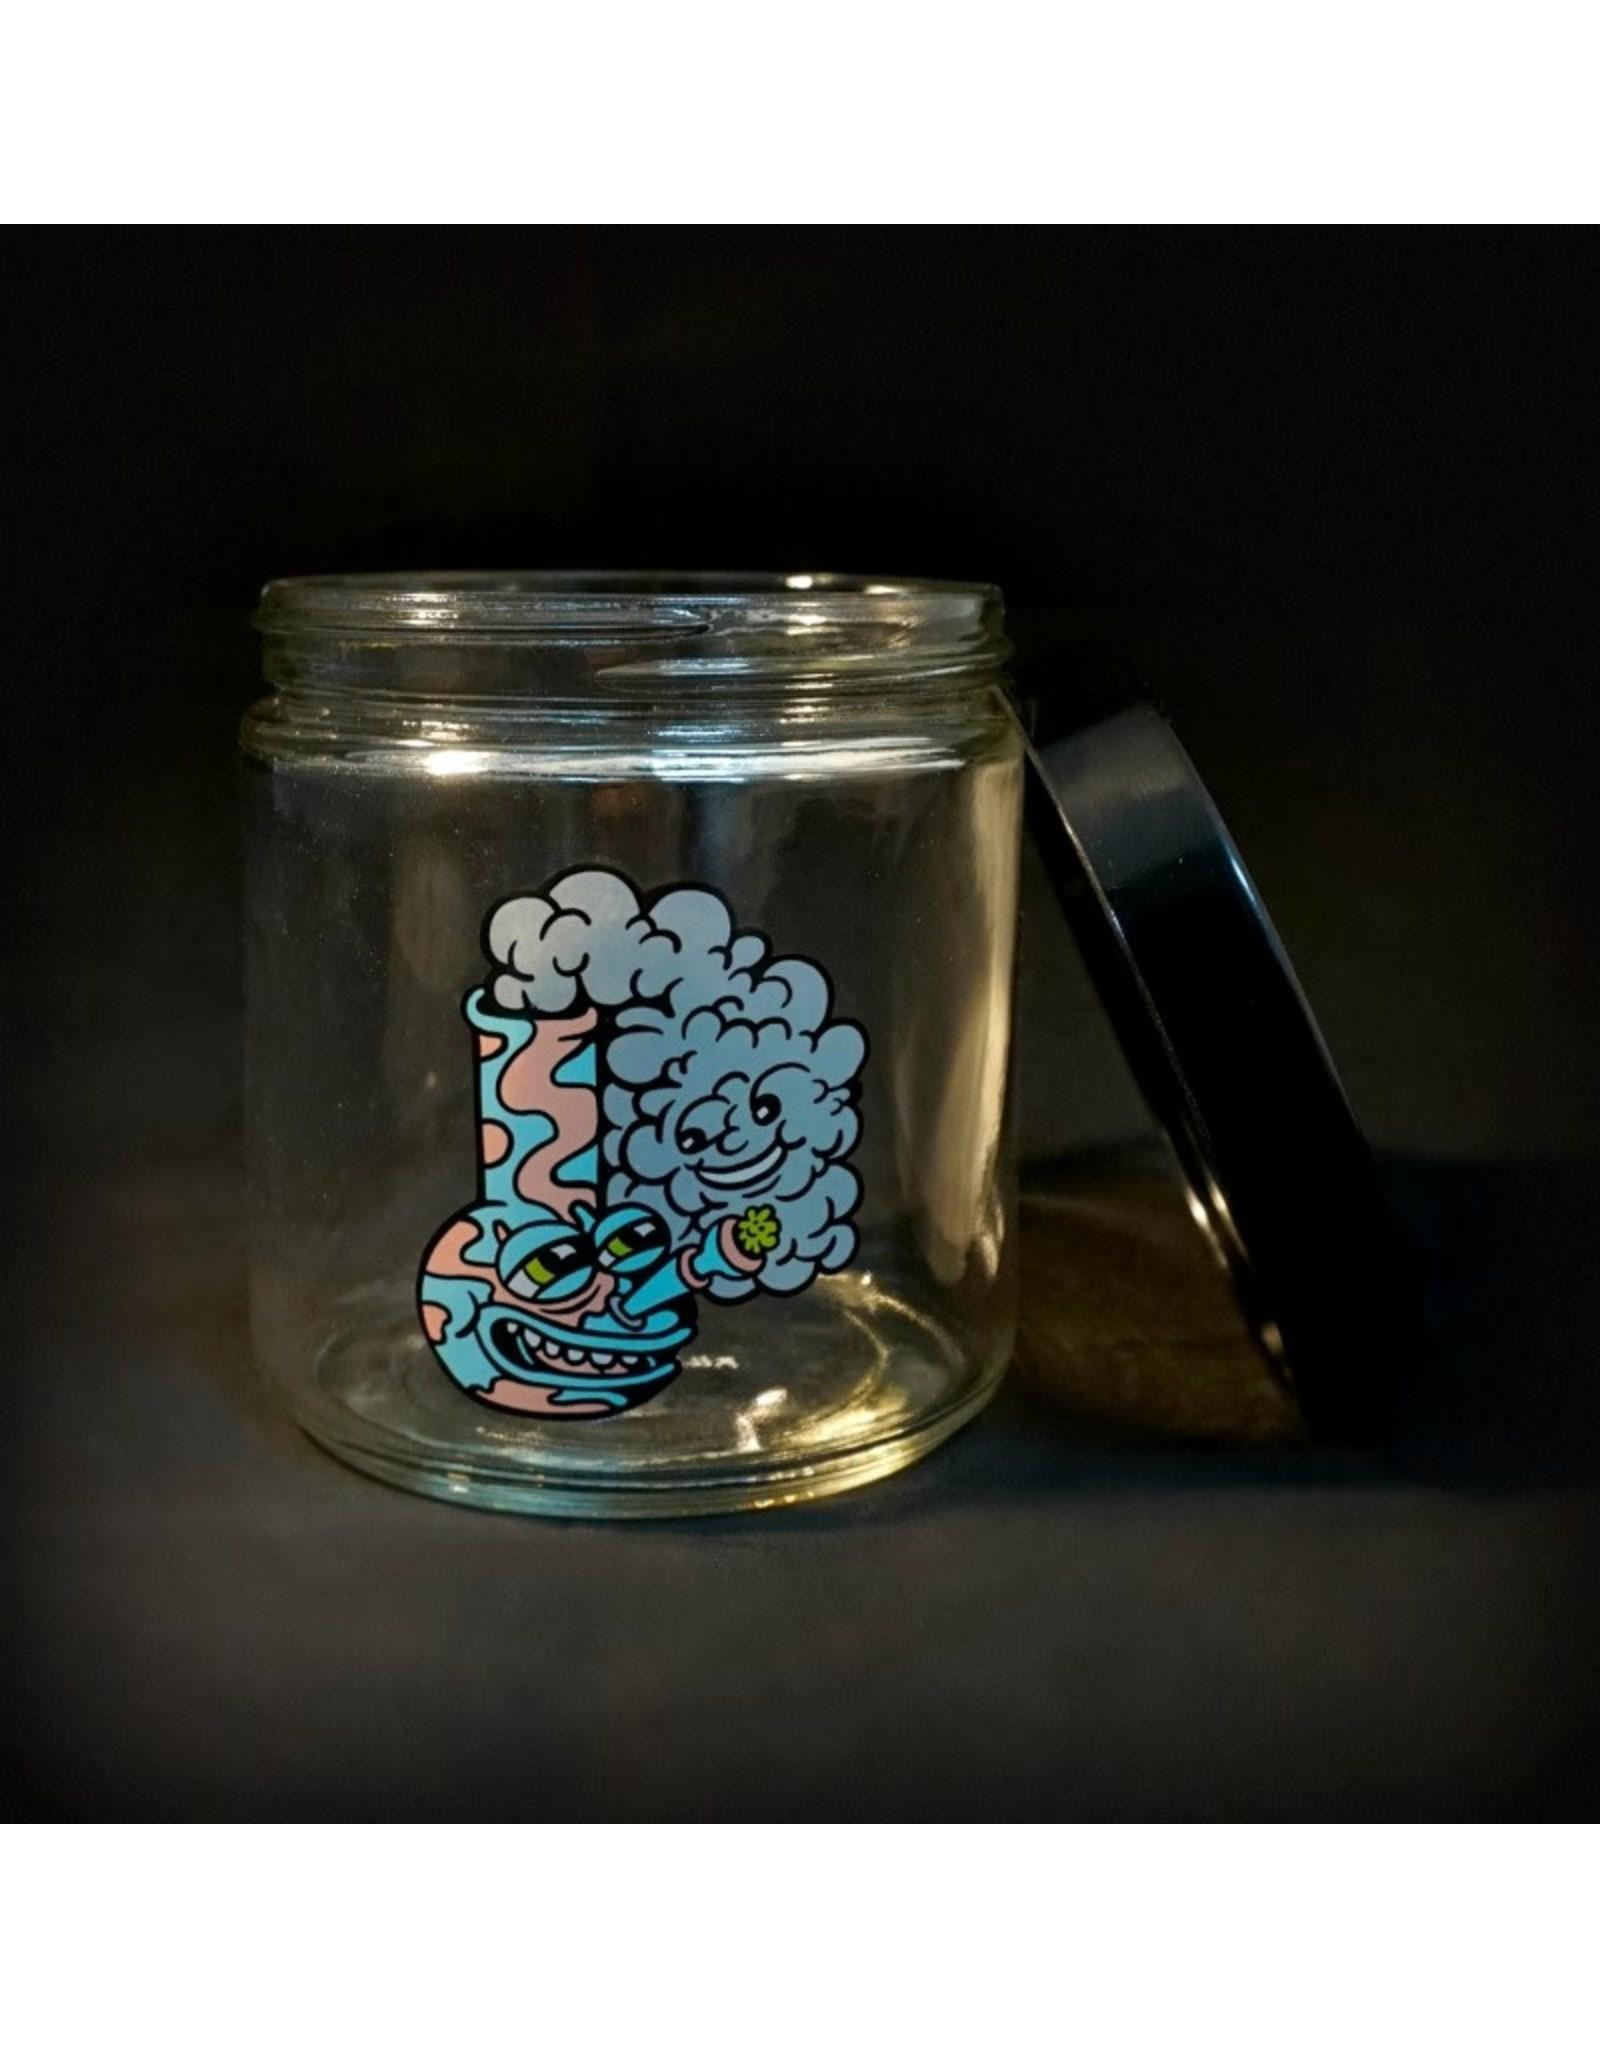 420 Science 420 Science Jars XLarge Happy Bong Screw Top